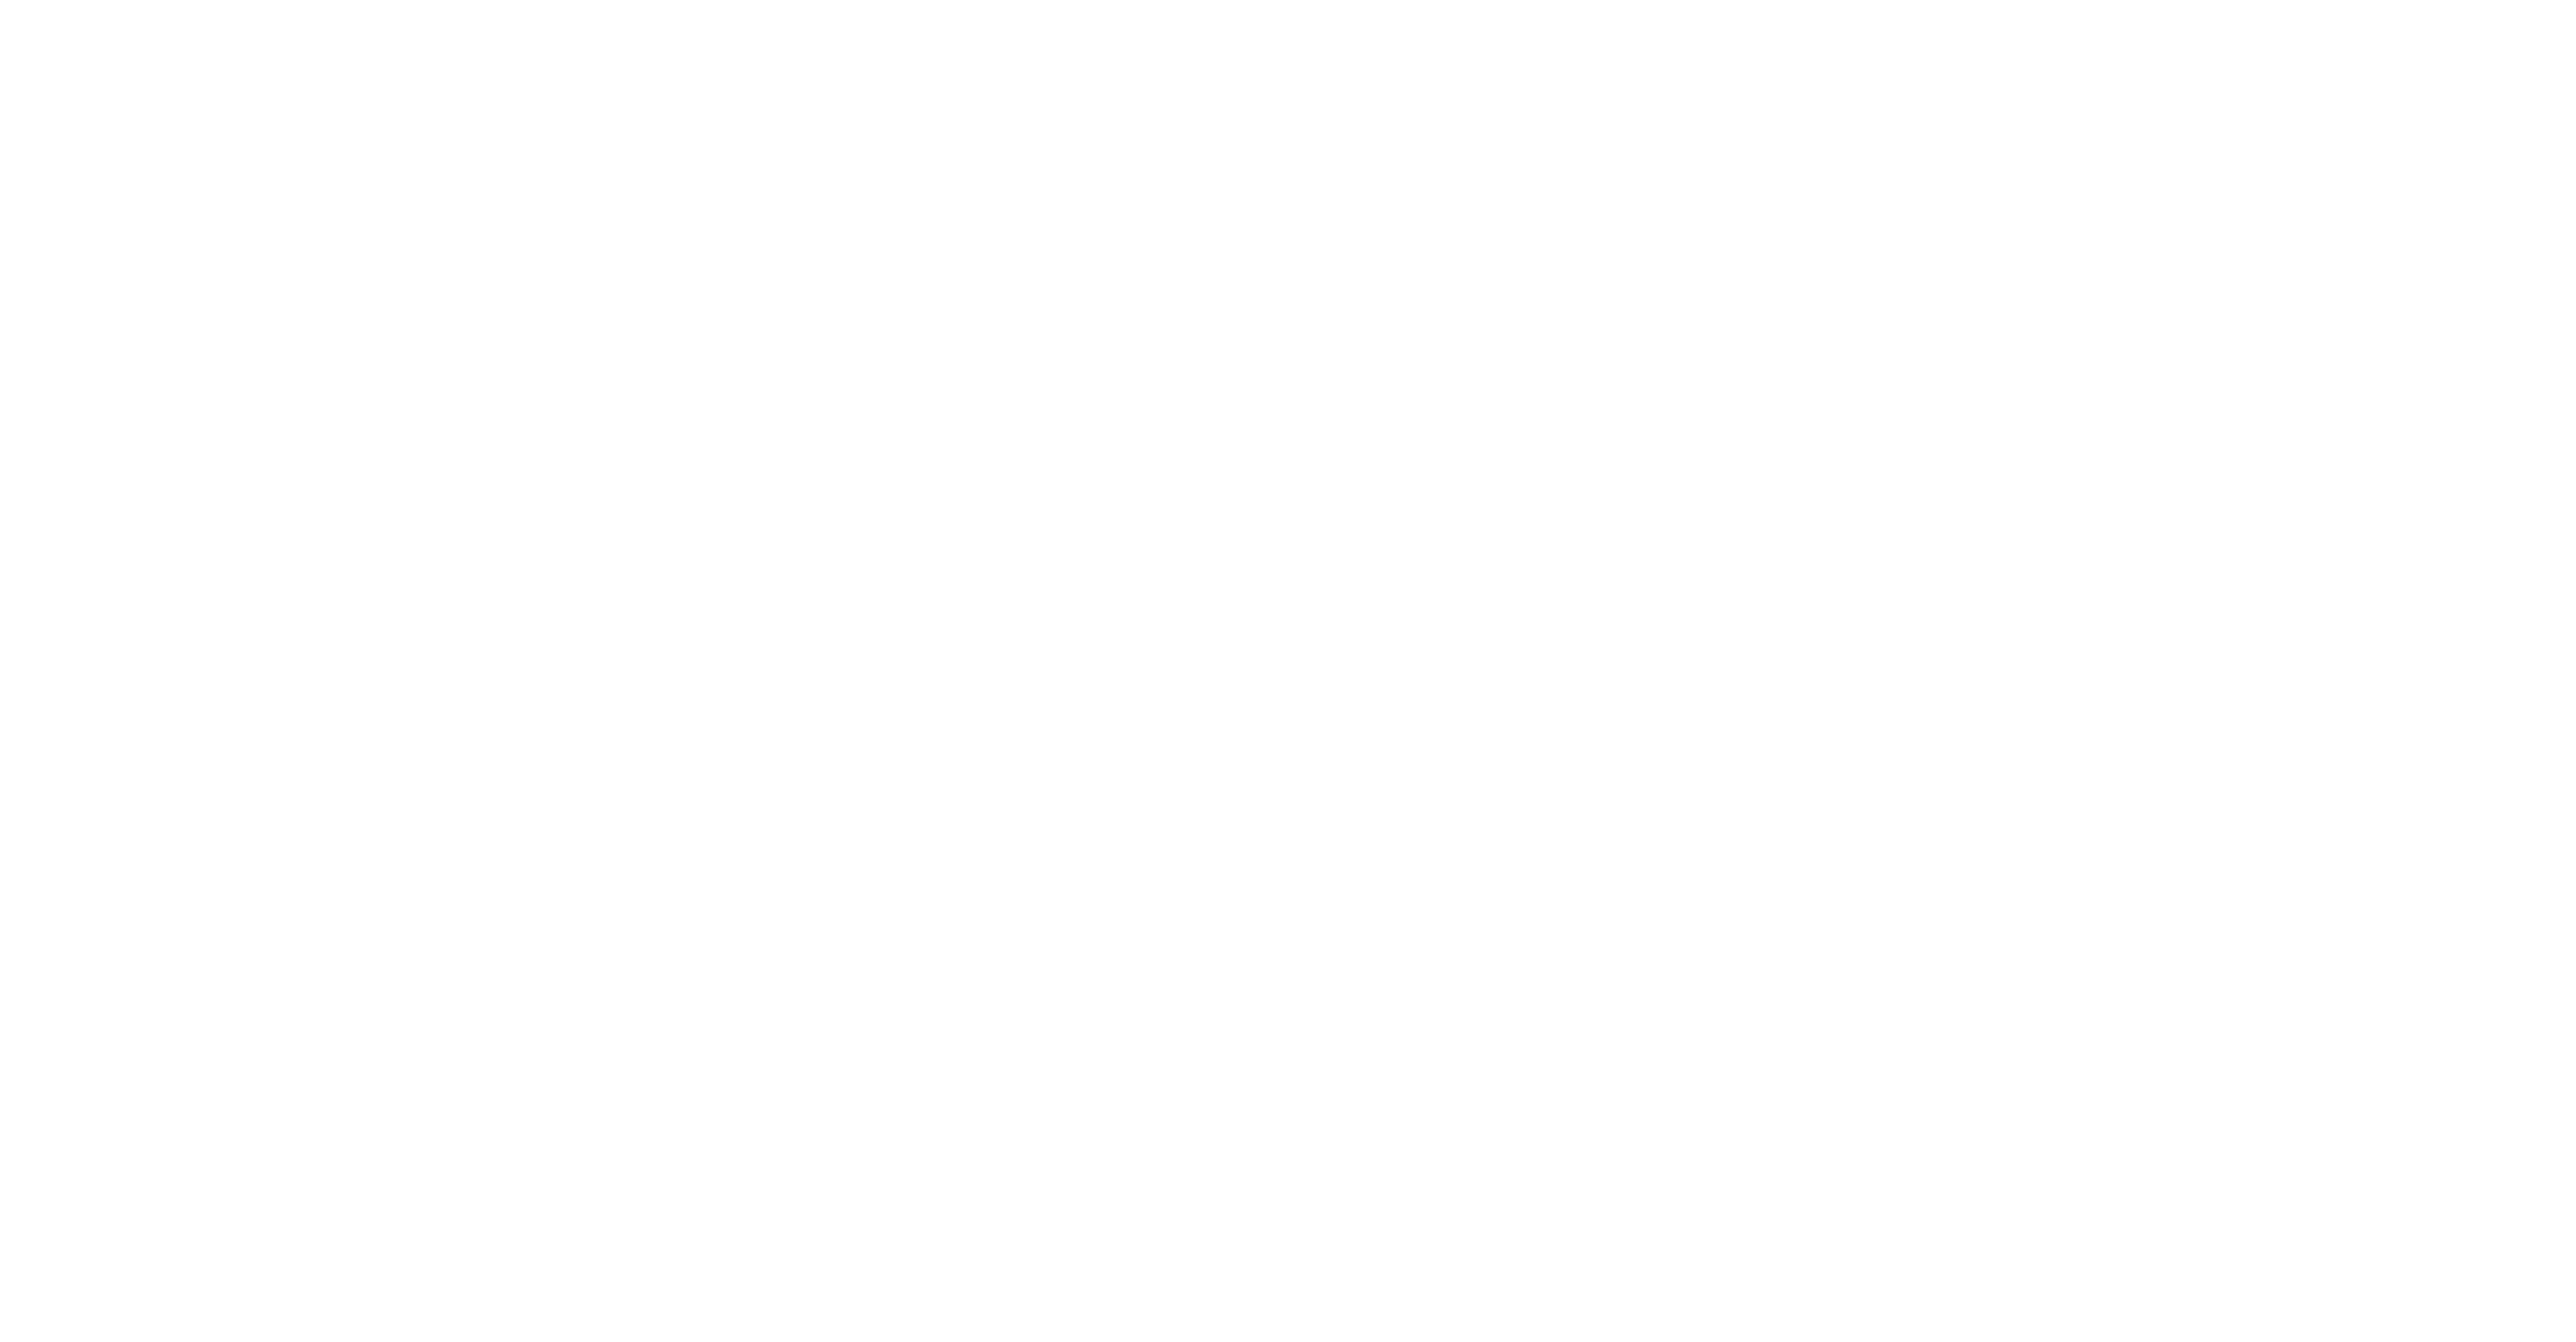 都佰城集团公司架构图-02